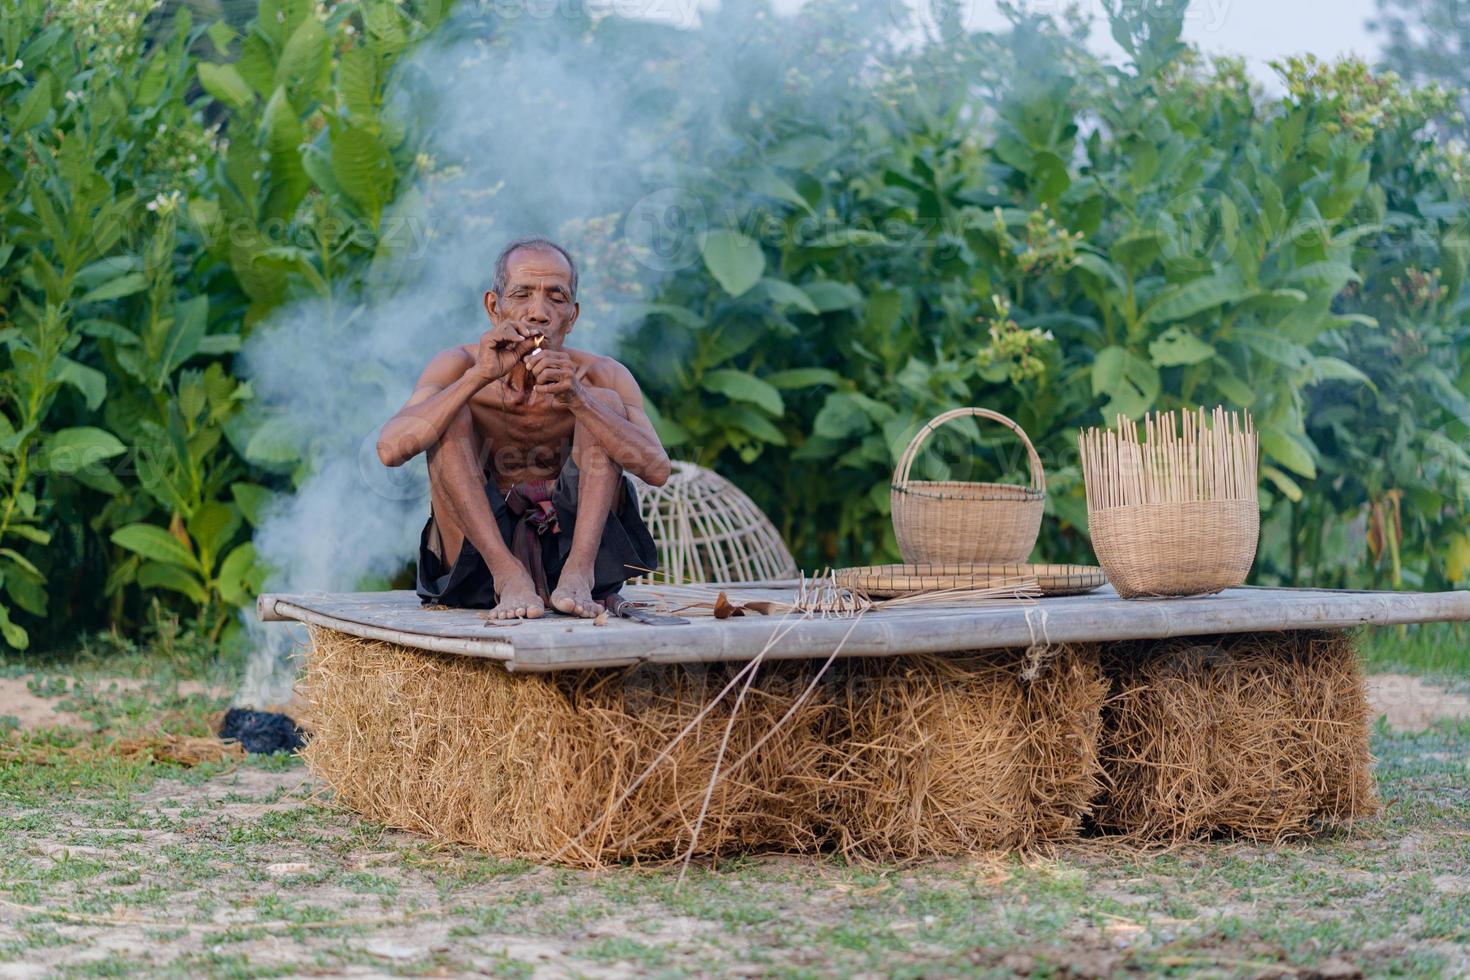 homem idoso com bambu artesanal, estilo de vida dos habitantes locais na Tailândia foto